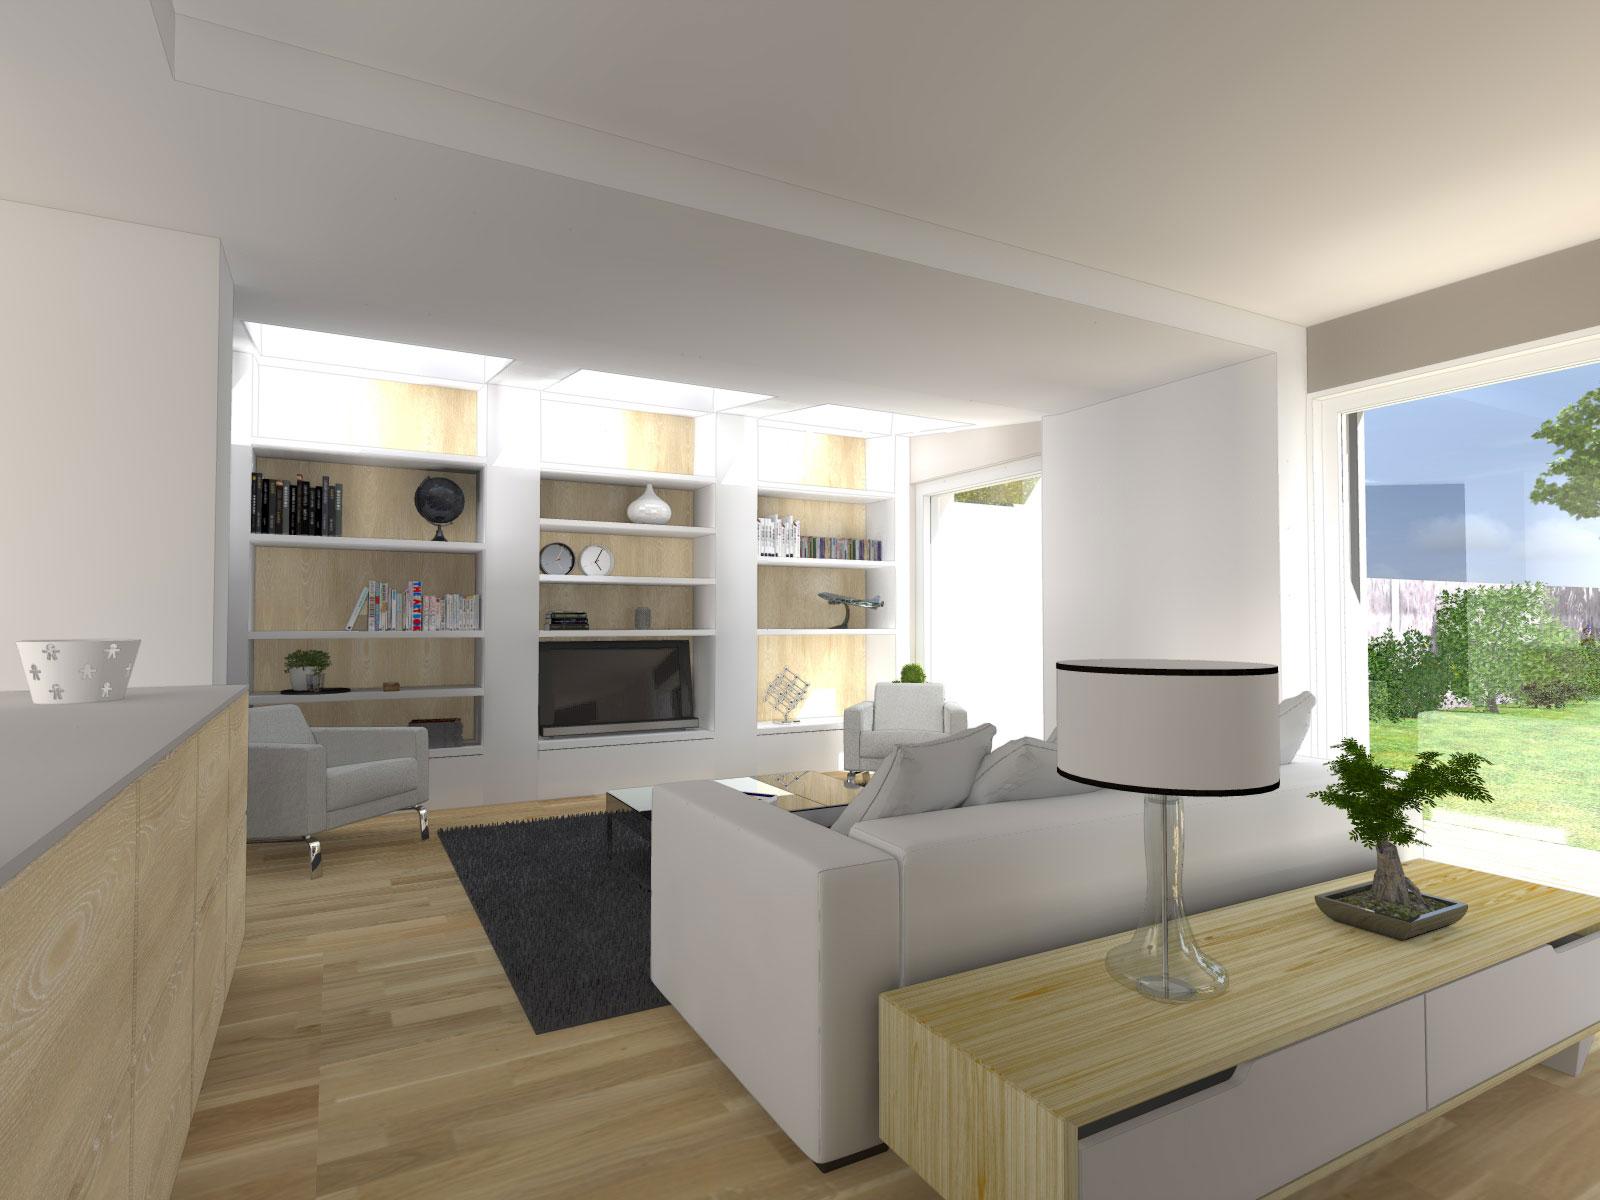 Extension d 39 une maison l 39 herbergement atelier 14 for Extension maison 85